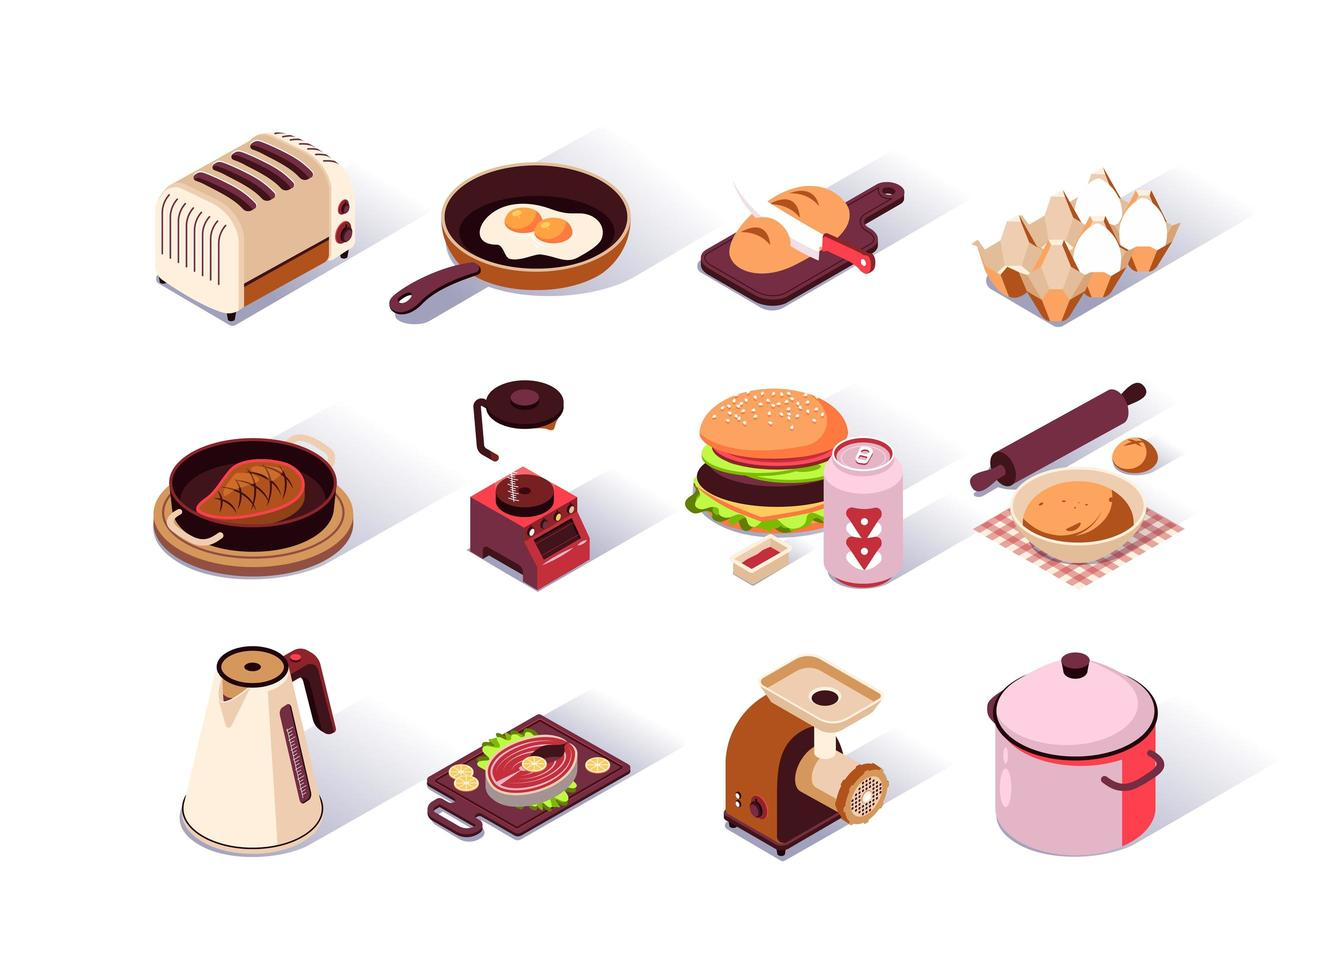 isometrische Symbole der Küchenutensilien eingestellt vektor